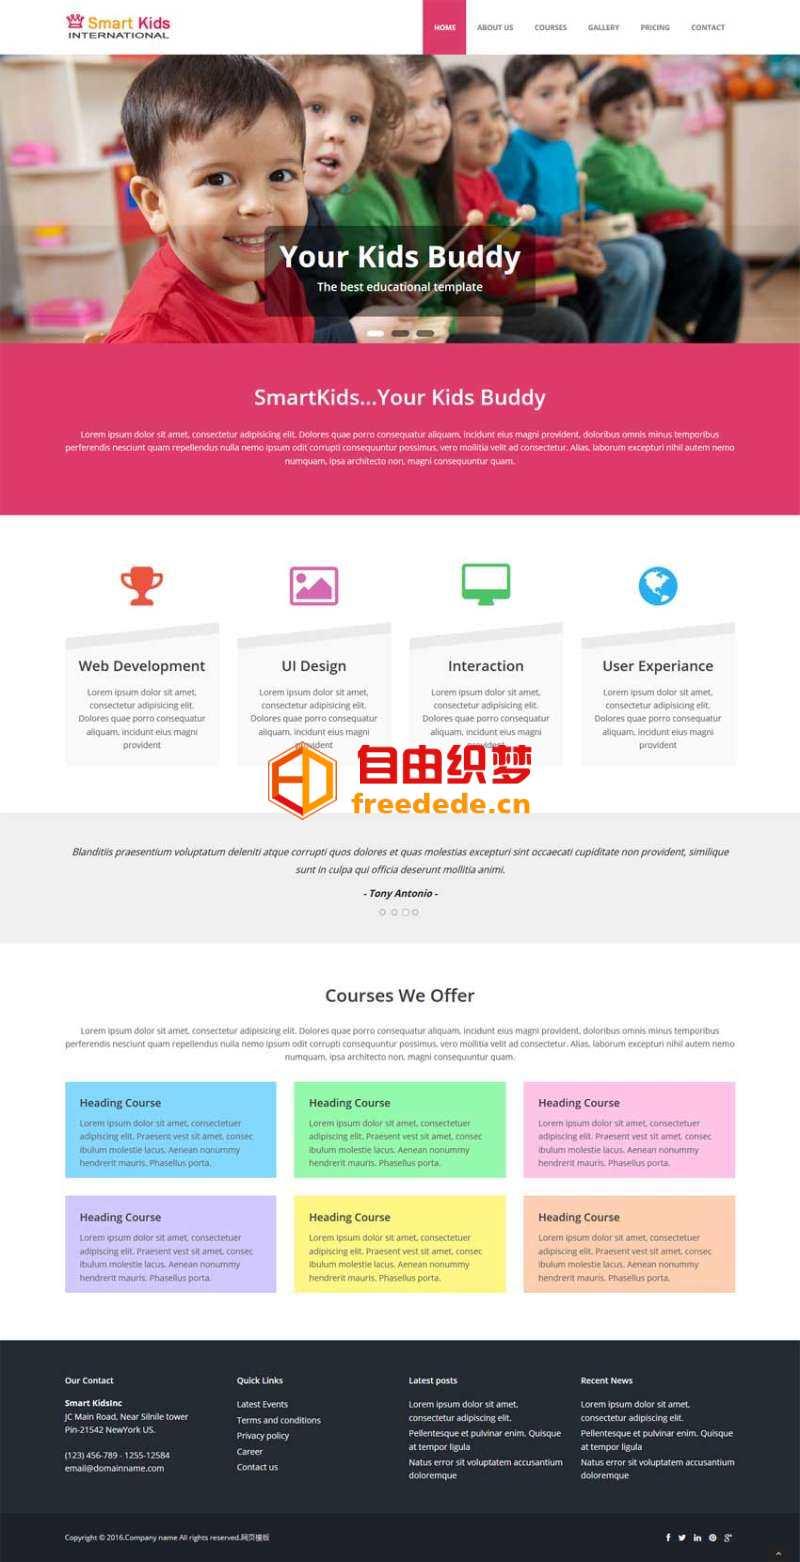 爱上源码网文章红色宽屏的幼儿园网站html整站模板的内容插图